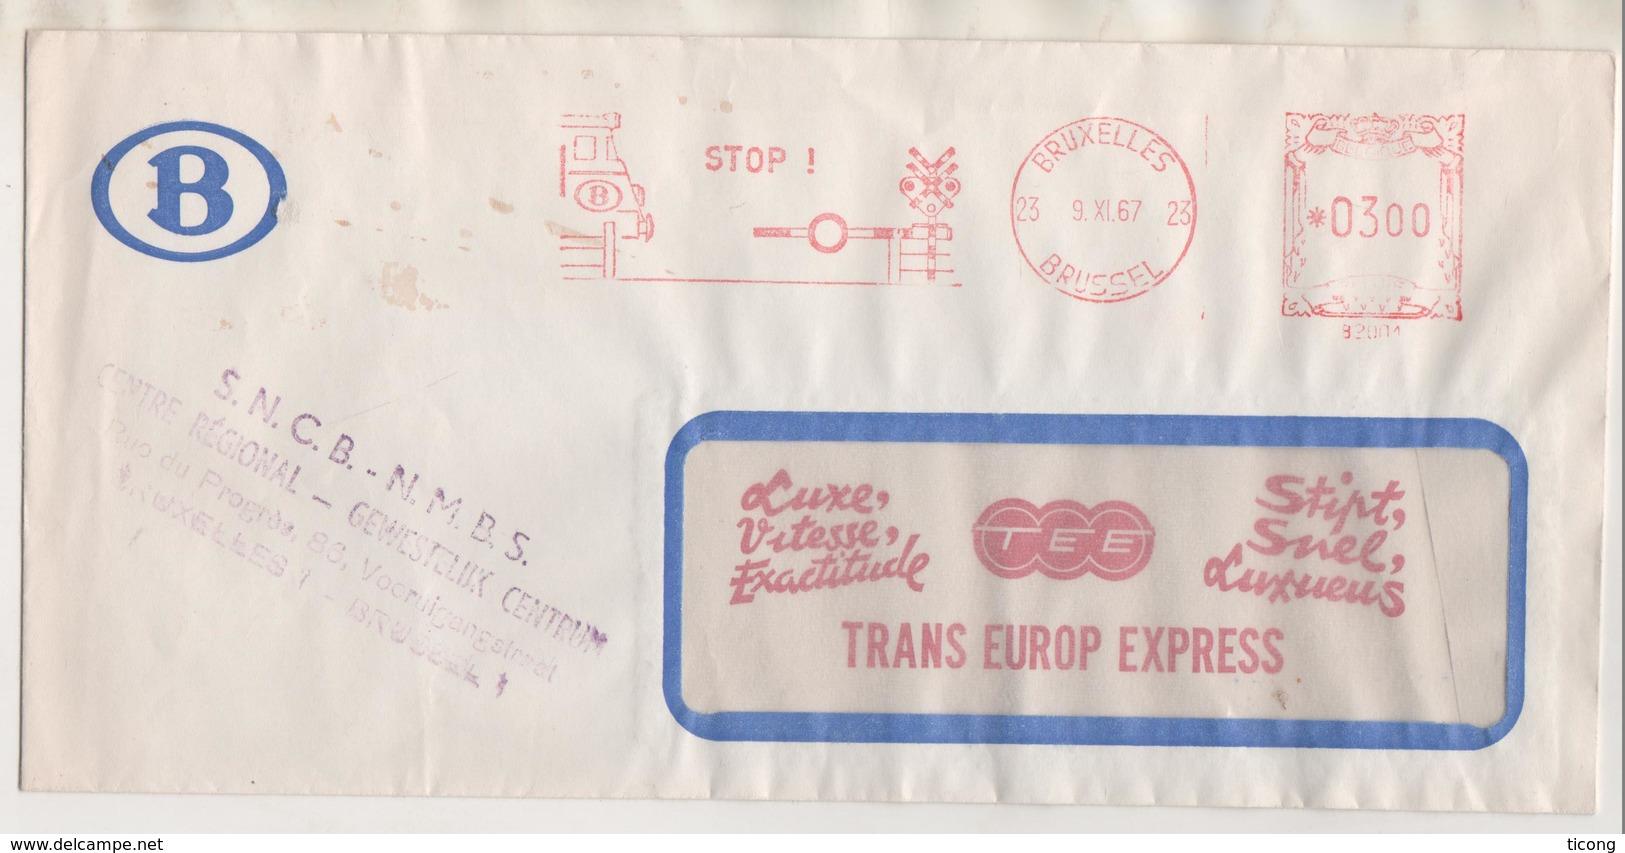 EMA ILLUSTREE BELGIQUE BRUXELLES BRUSSEL 1967 TRAIN ET BARRIERE, TRANS EUROP EXPRESS - VOIR LE SCANNER - Eisenbahnen